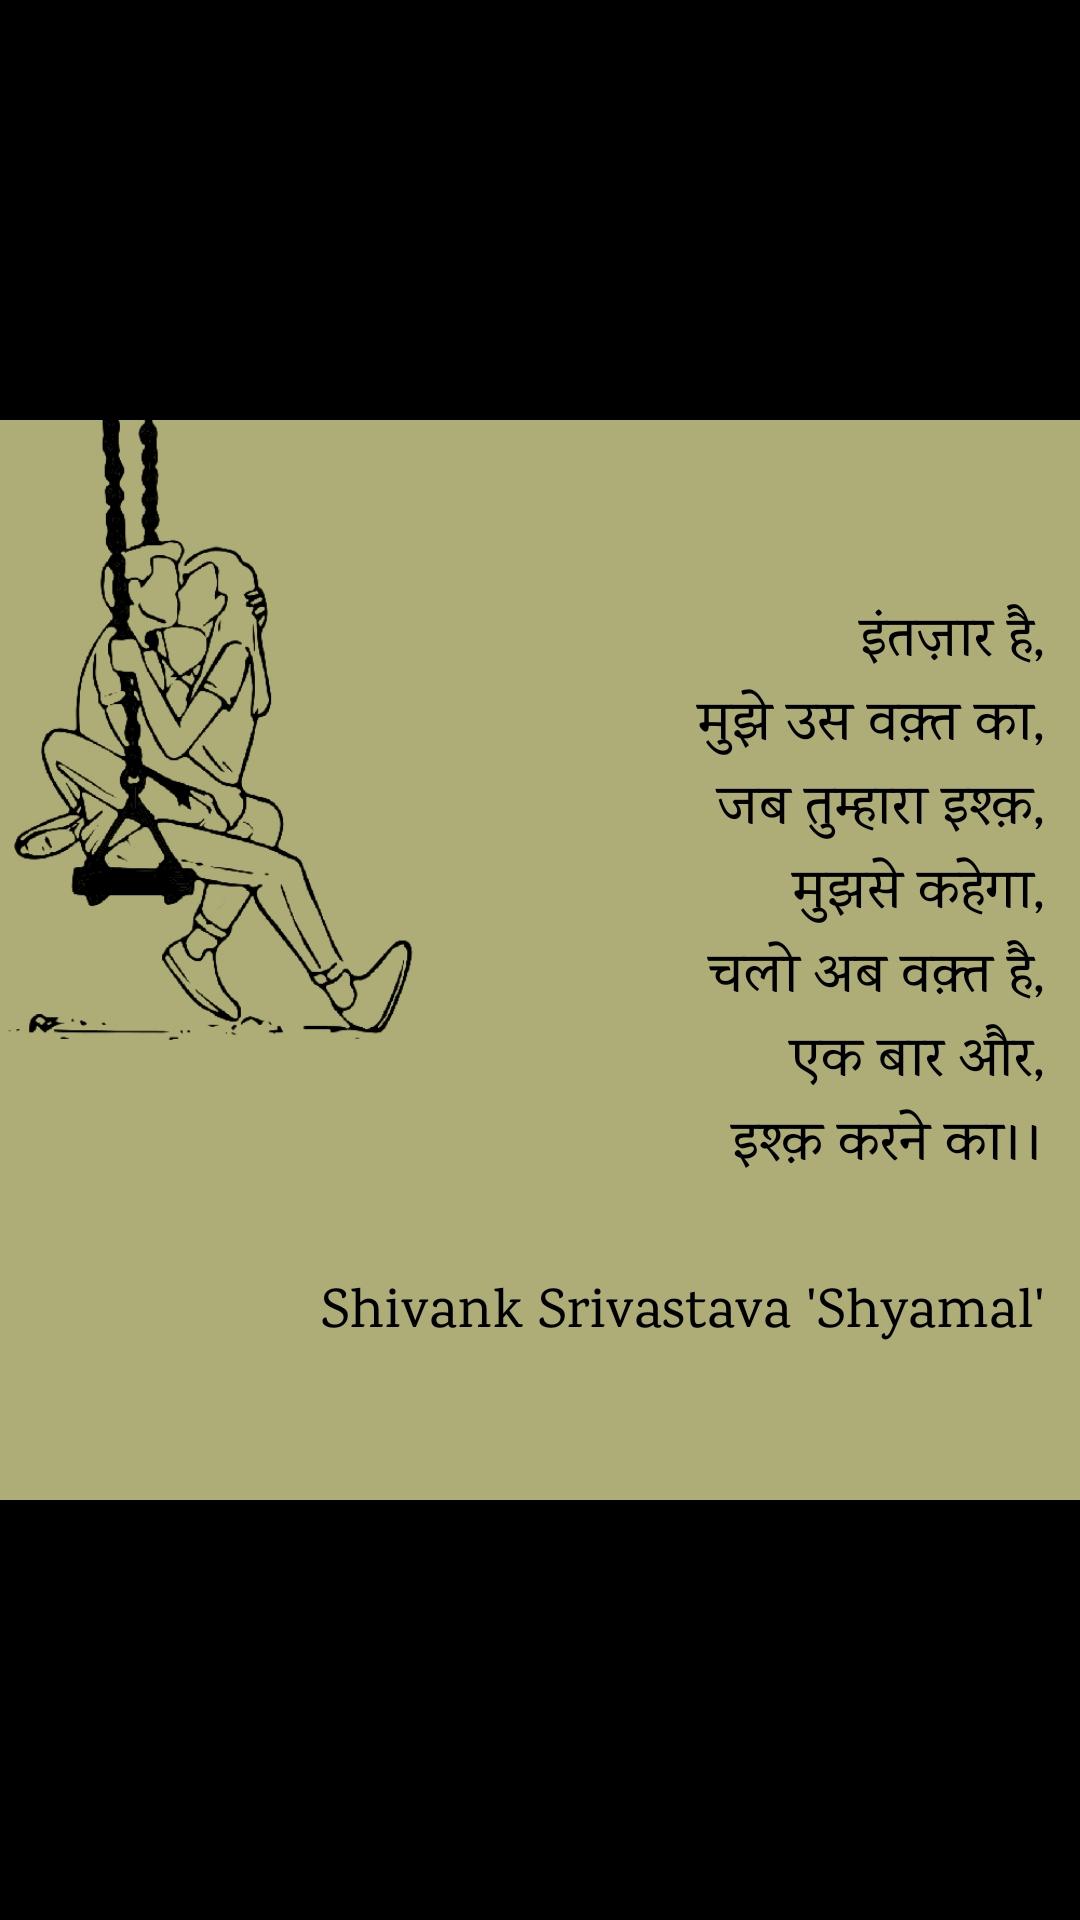 इंतज़ार है, मुझे उस वक़्त का, जब तुम्हारा इश्क़, मुझसे कहेगा, चलो अब वक़्त है, एक बार और, इश्क़ करने का।।  Shivank Srivastava 'Shyamal'